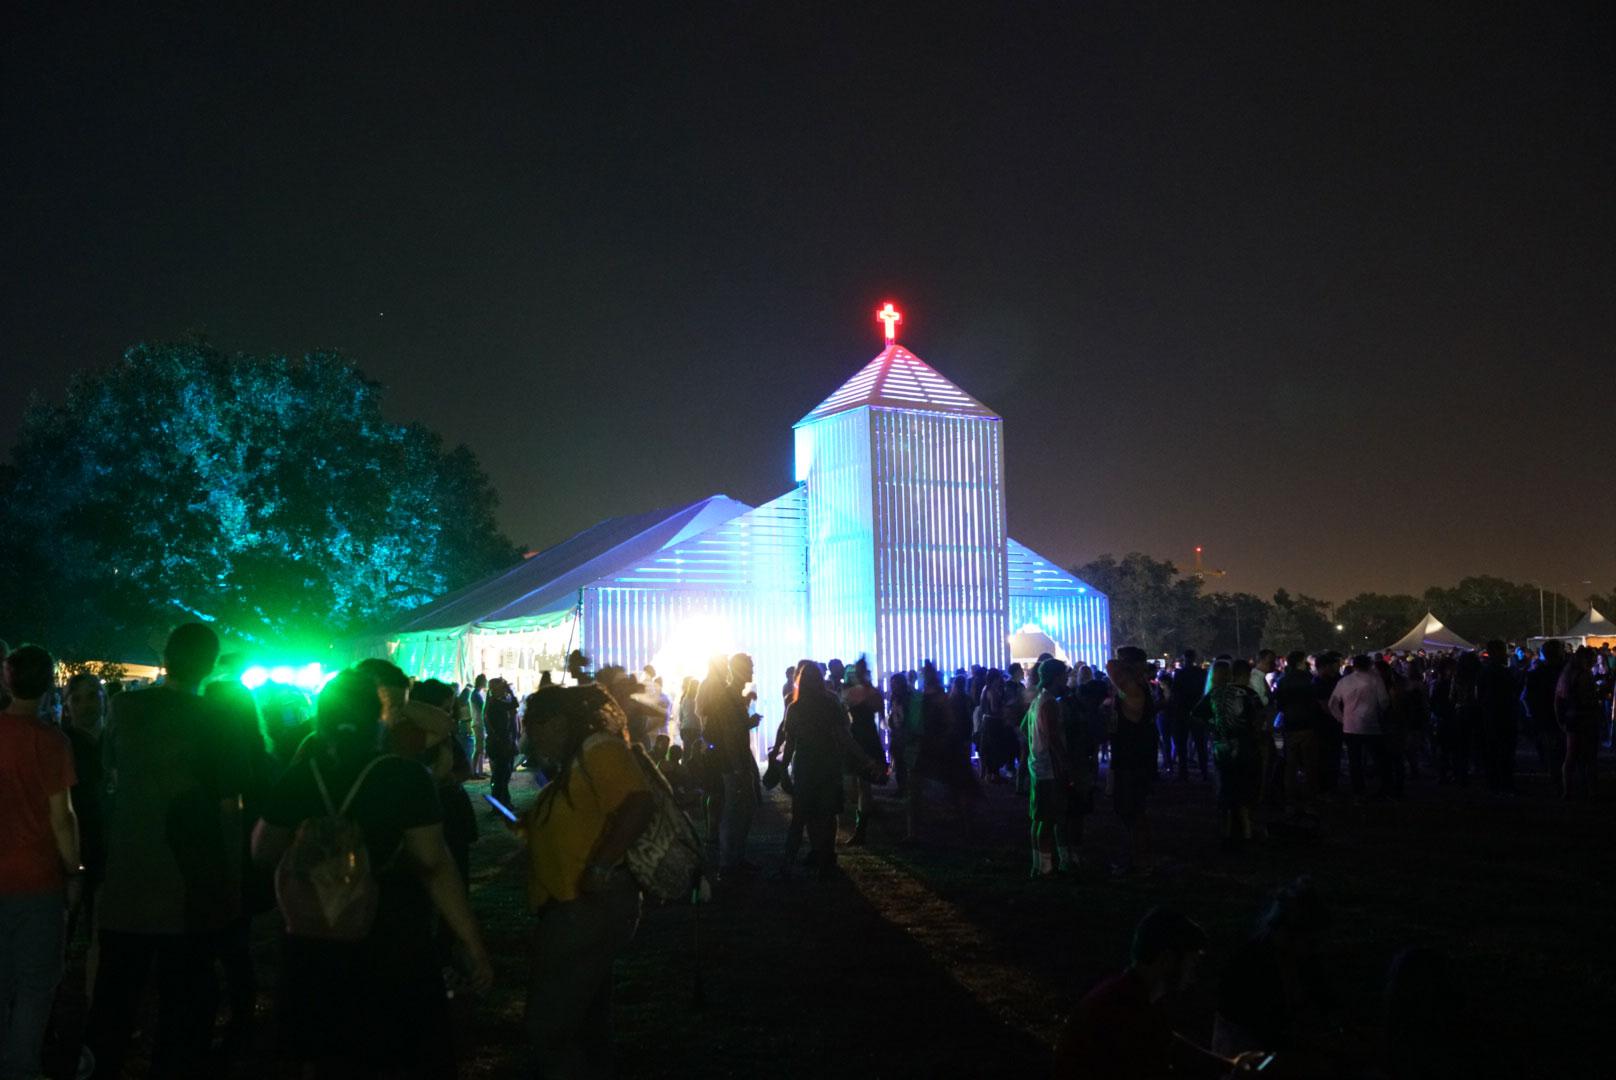 voodoo festival lgbtq fall